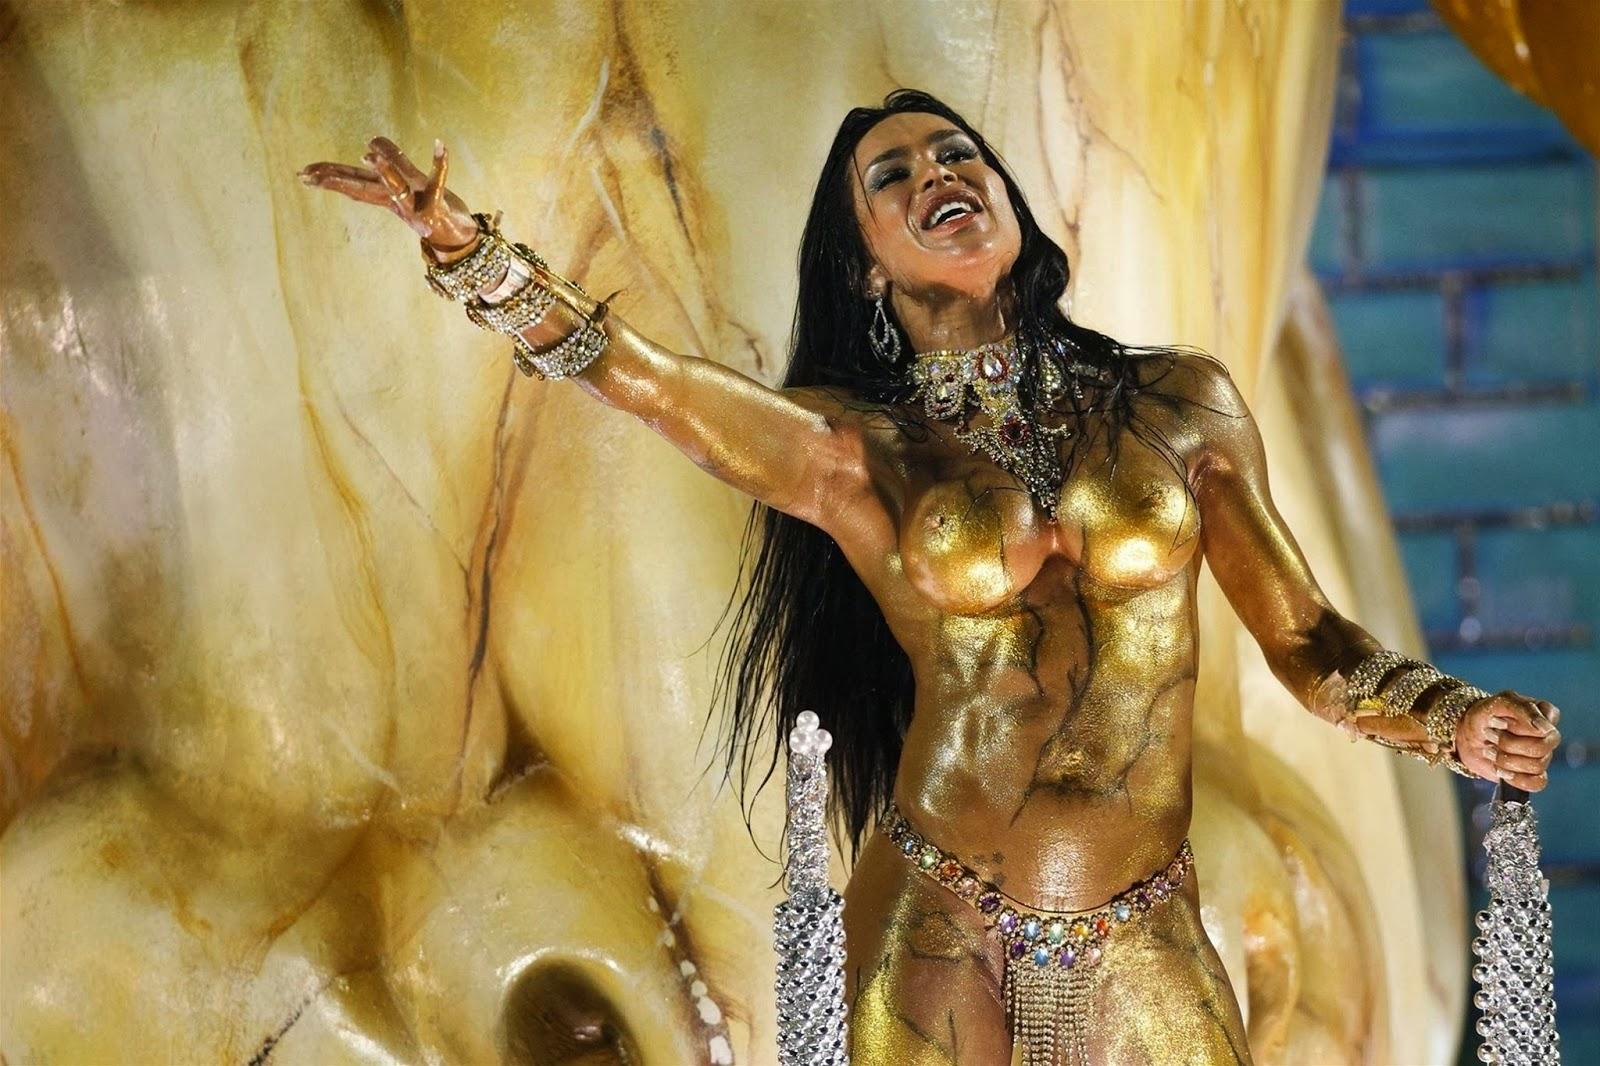 Rio De Janeiro Carnival<br>Tanečnice at the carnival in the Brazilian metropolis of Rio de Janeiro